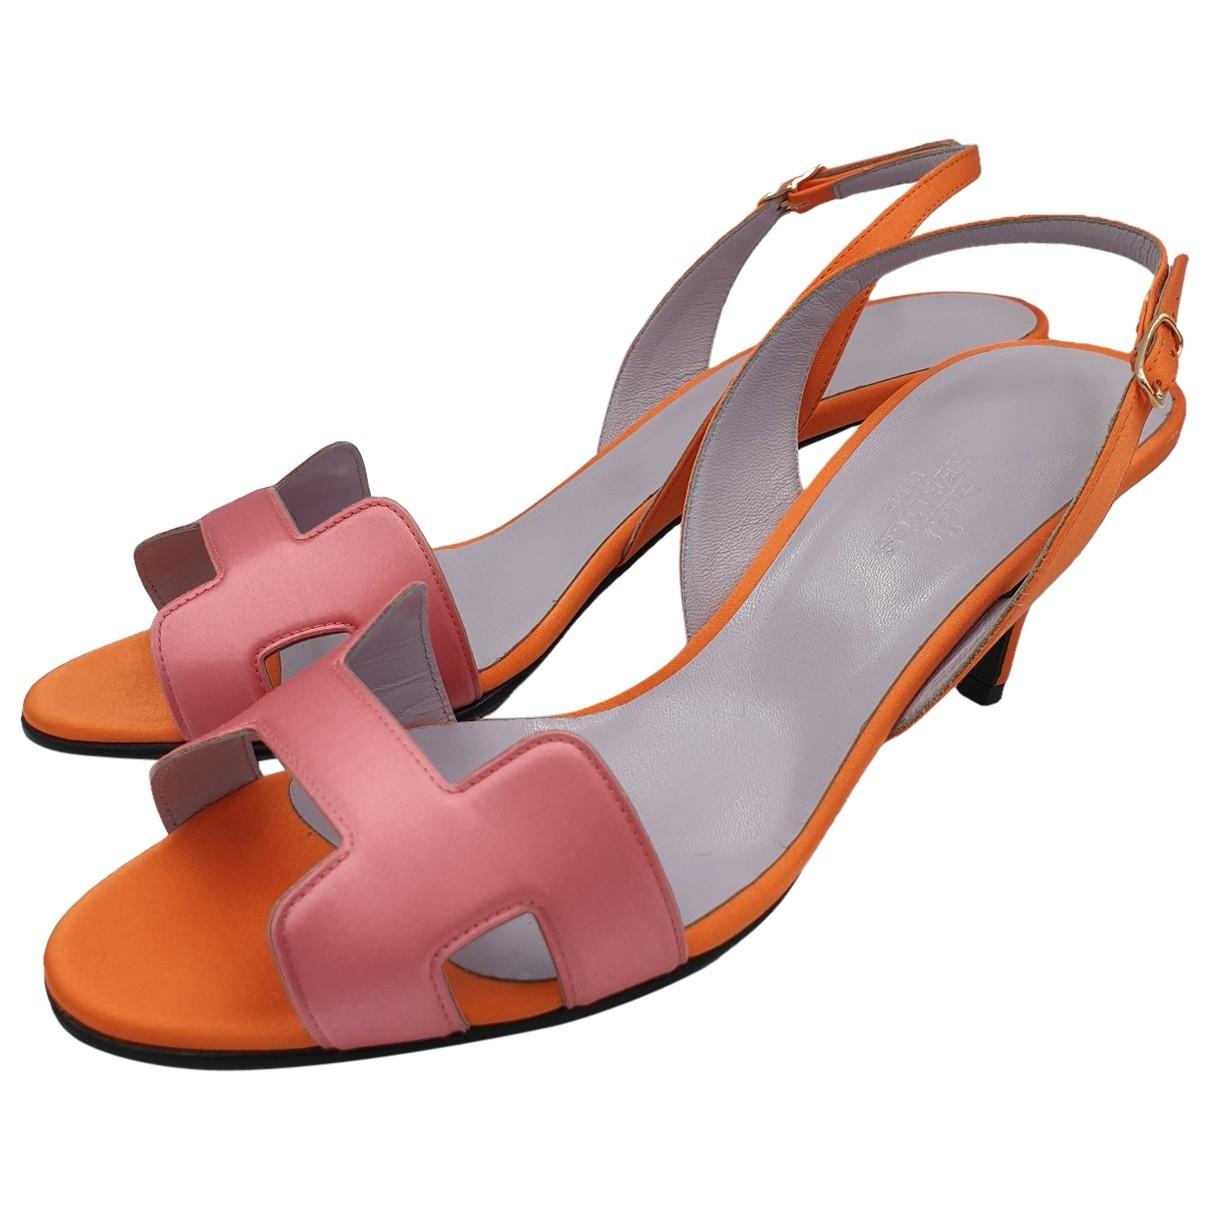 Sandalias de Lona Hermes